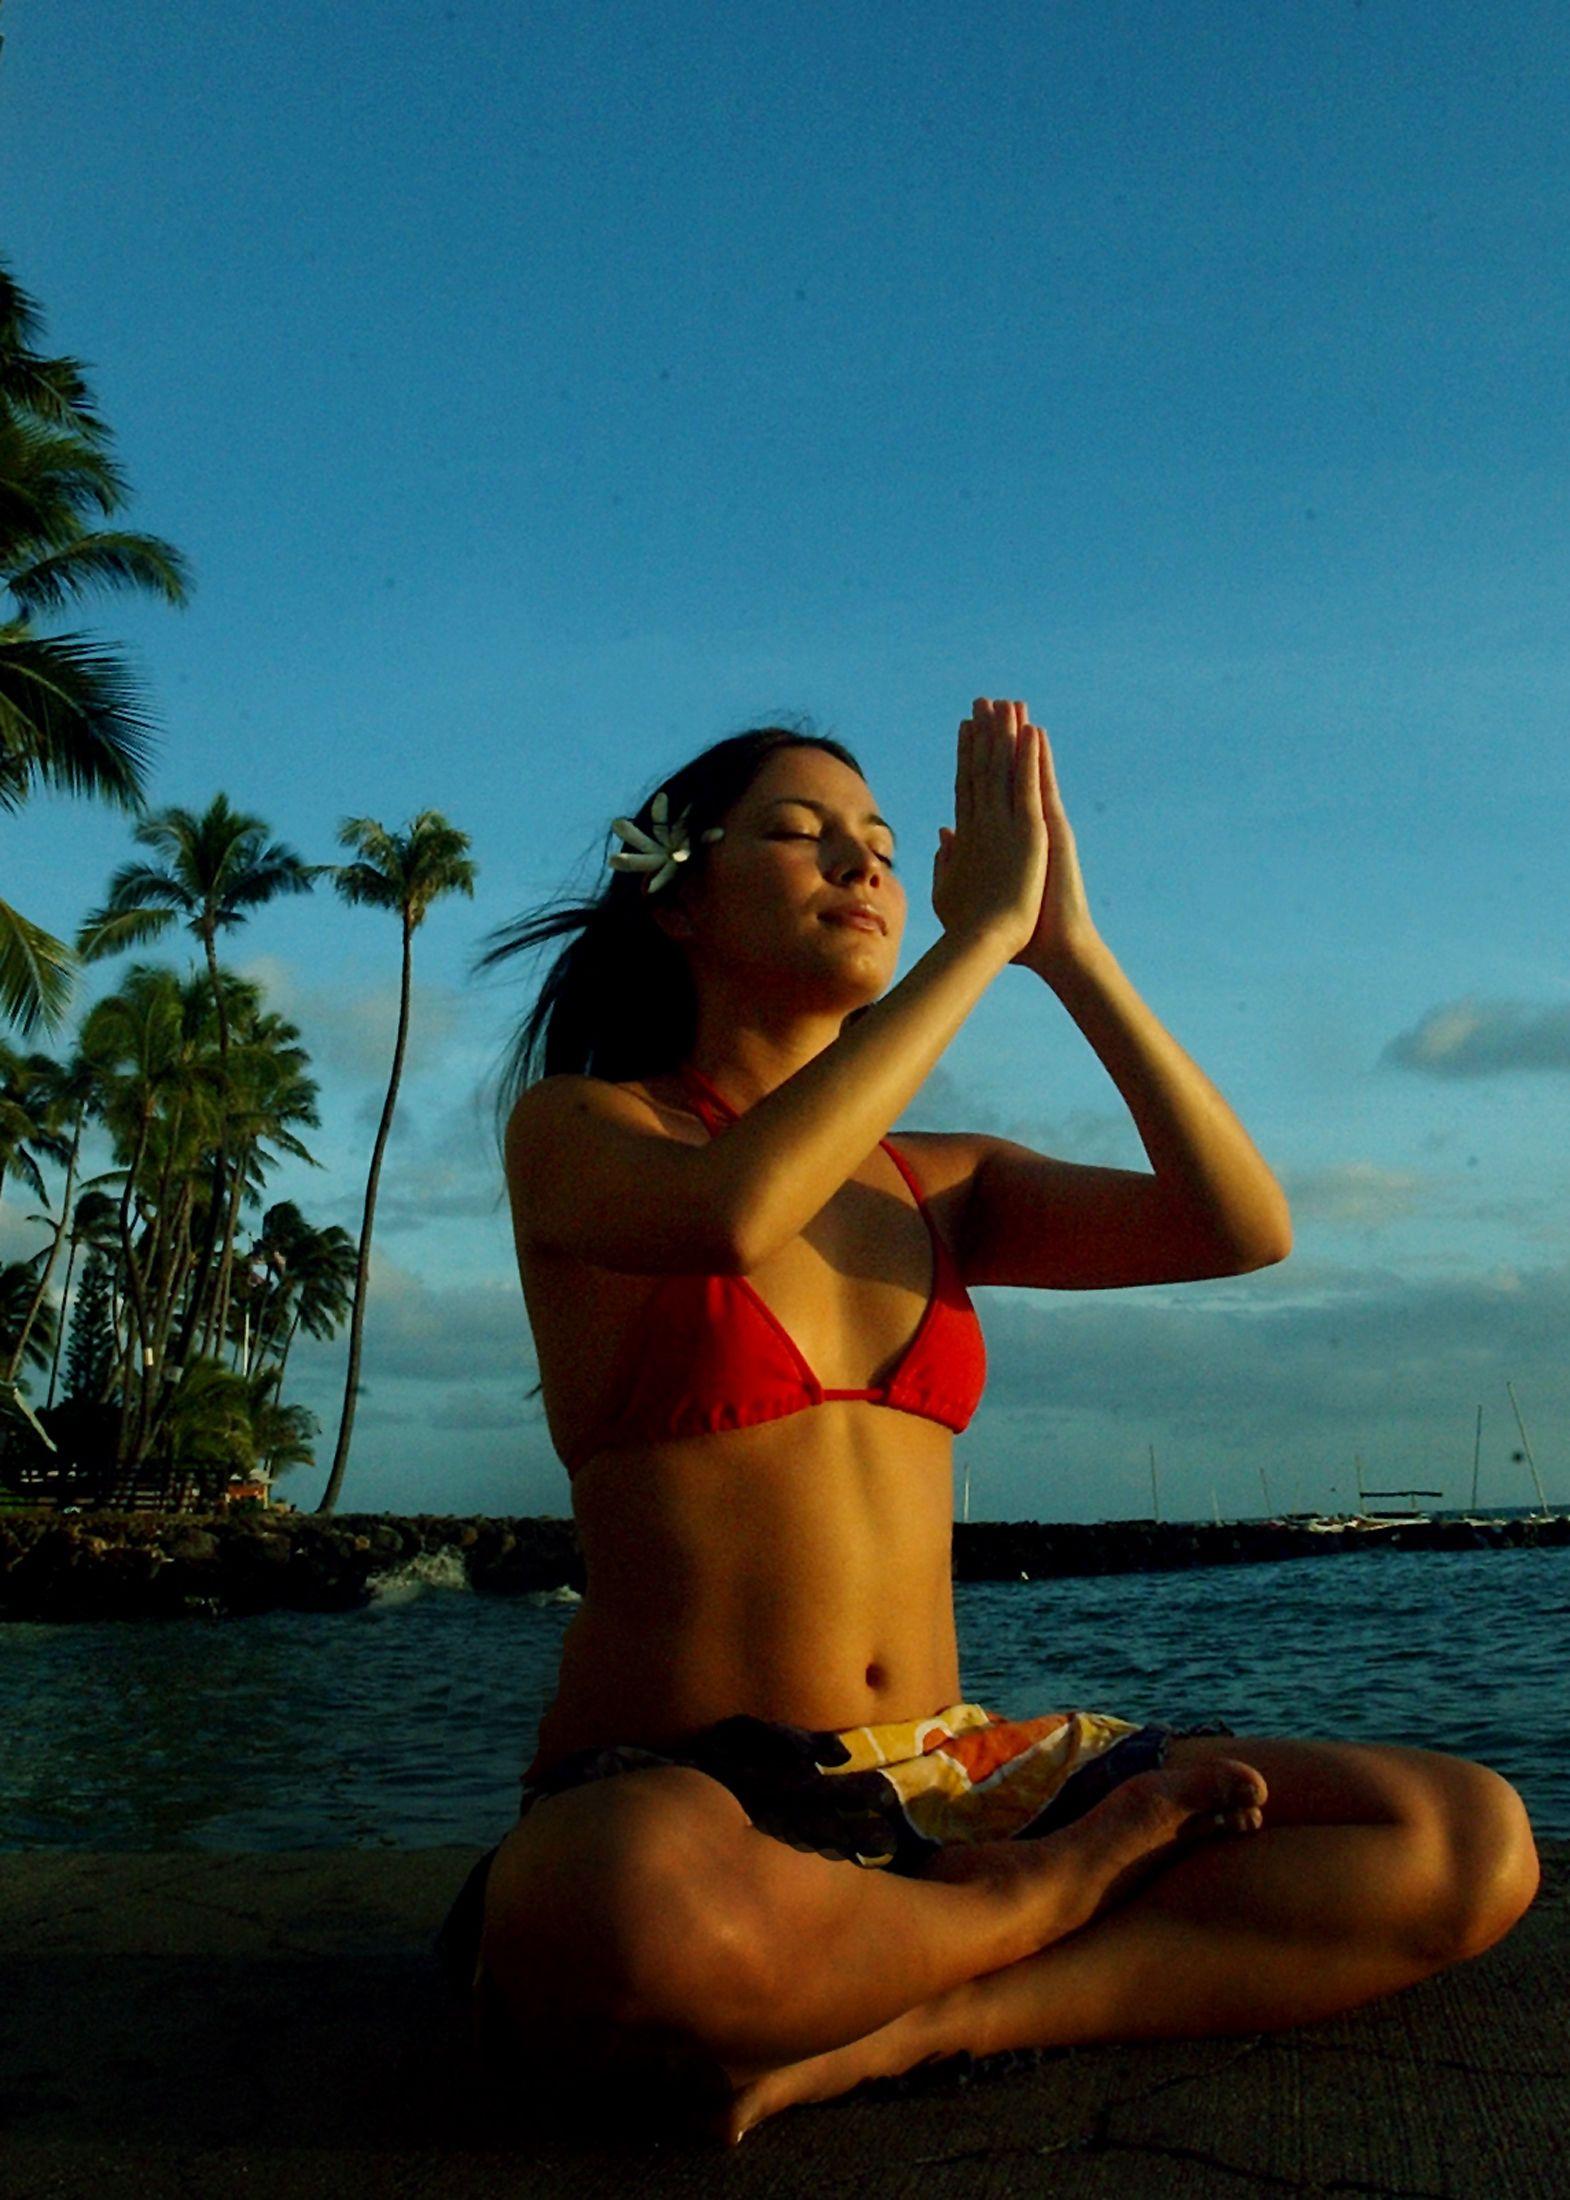 La pratique de la méditation notamment permettrait de lutter contre la dépression